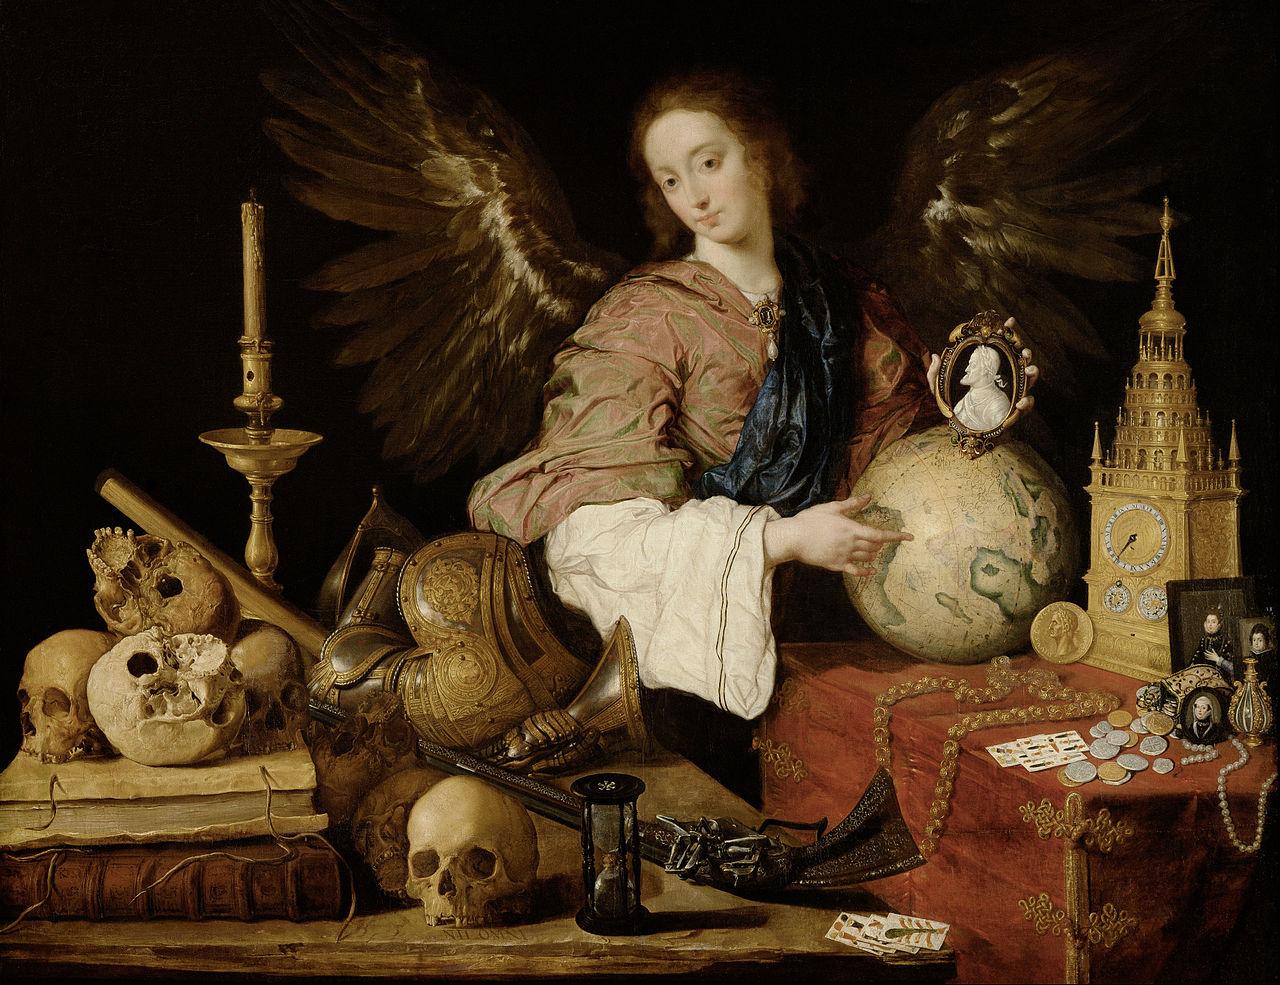 Allegory of Vanity, Antonio de Pereda